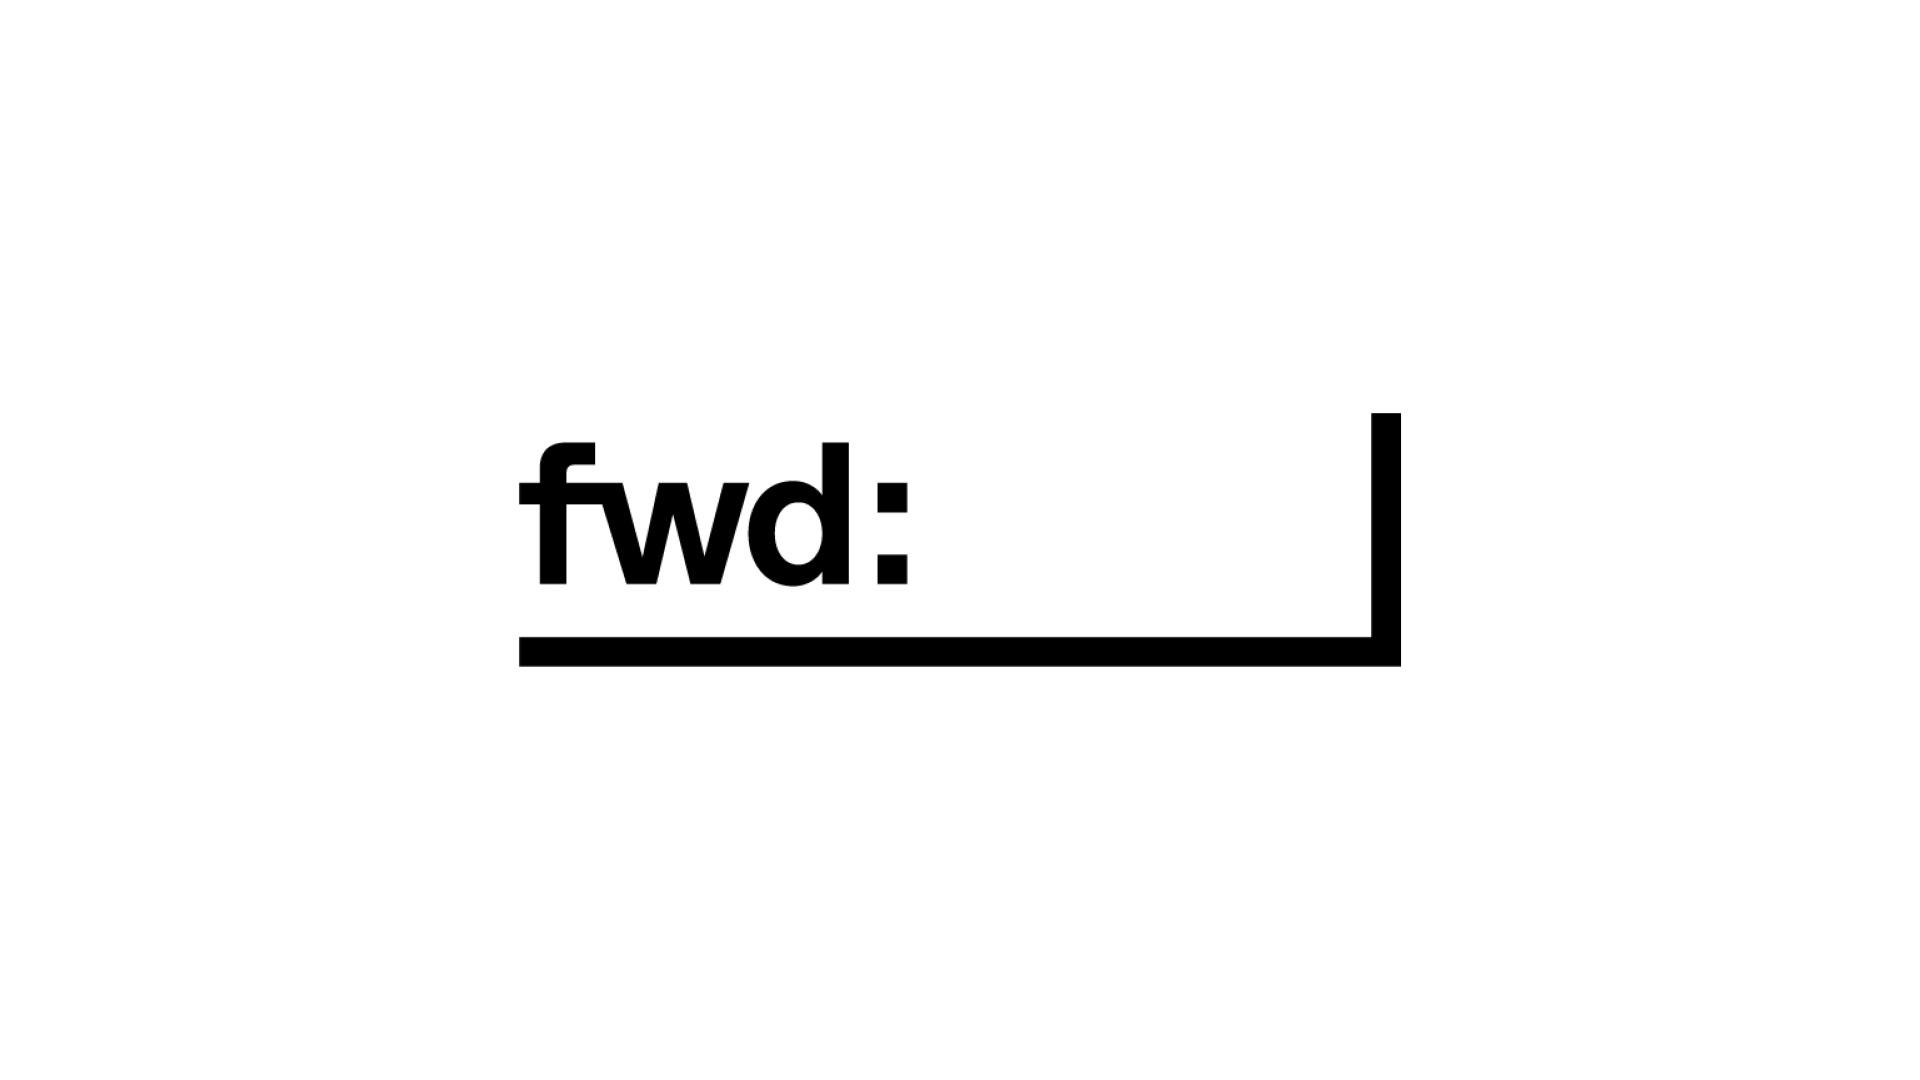 fwd: Bundesvereinigung Veranstaltungswirtschaft Corporate Design